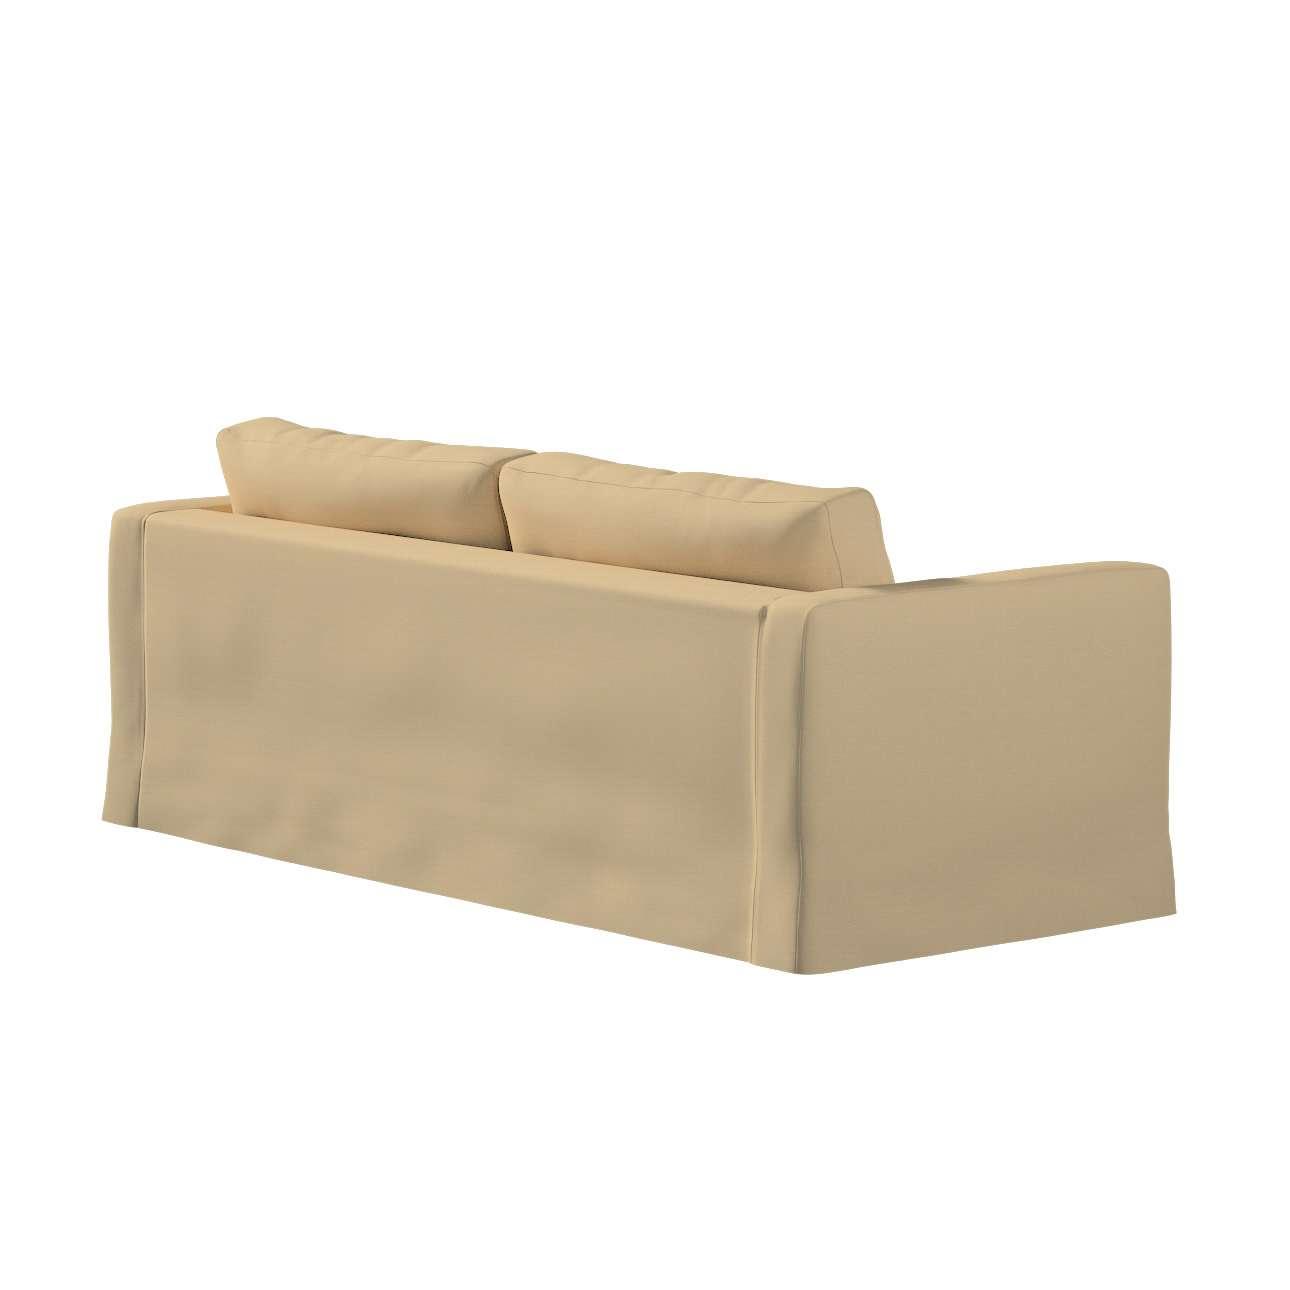 Karlstad 3-Sitzer Sofabezug nicht ausklappbar lang von der Kollektion Cotton Panama, Stoff: 702-01